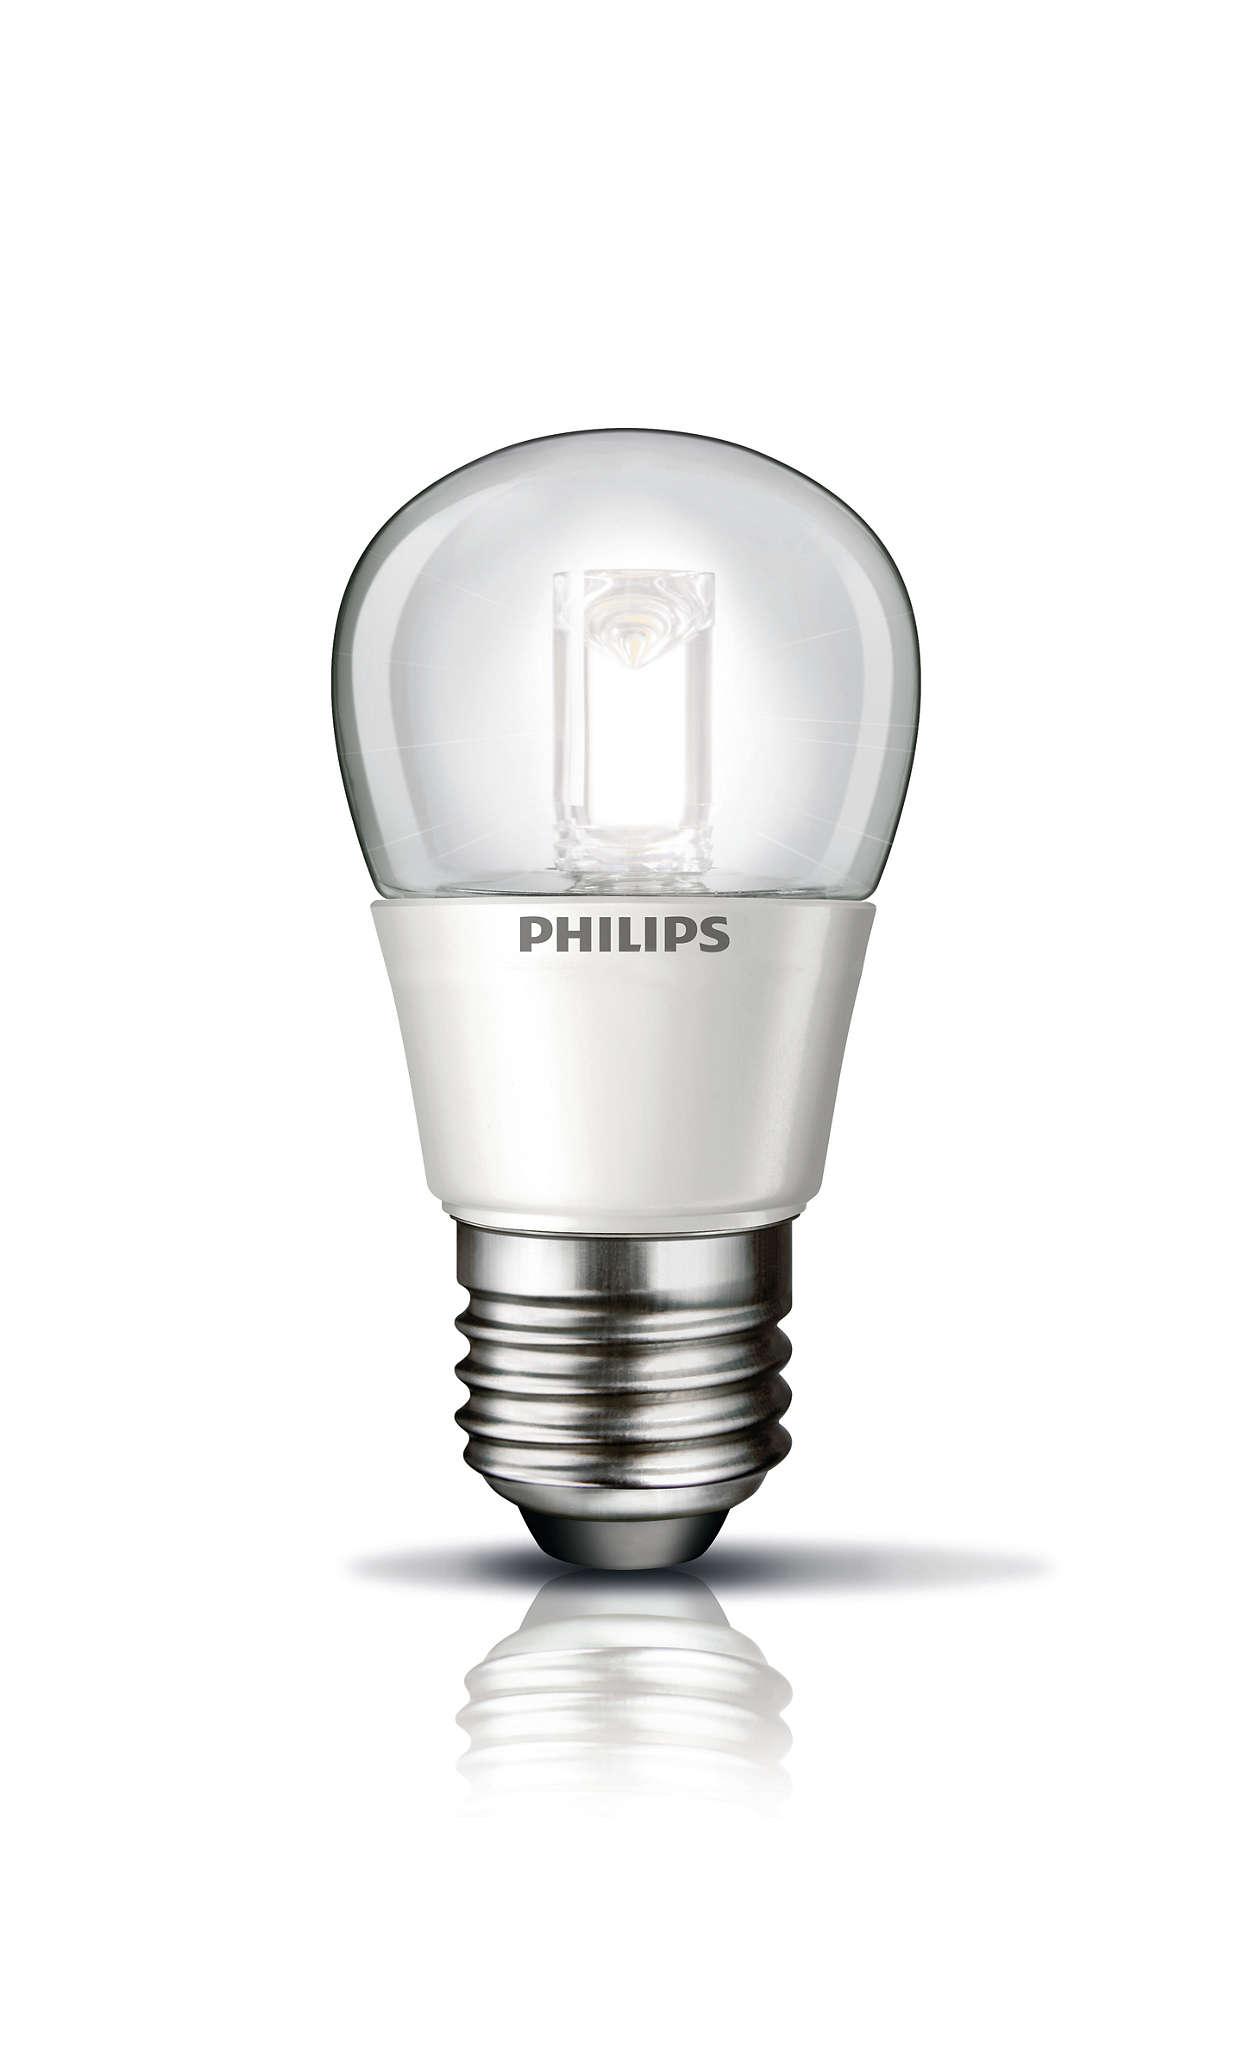 Ultimat ljuskvalitet, högsta energibesparing